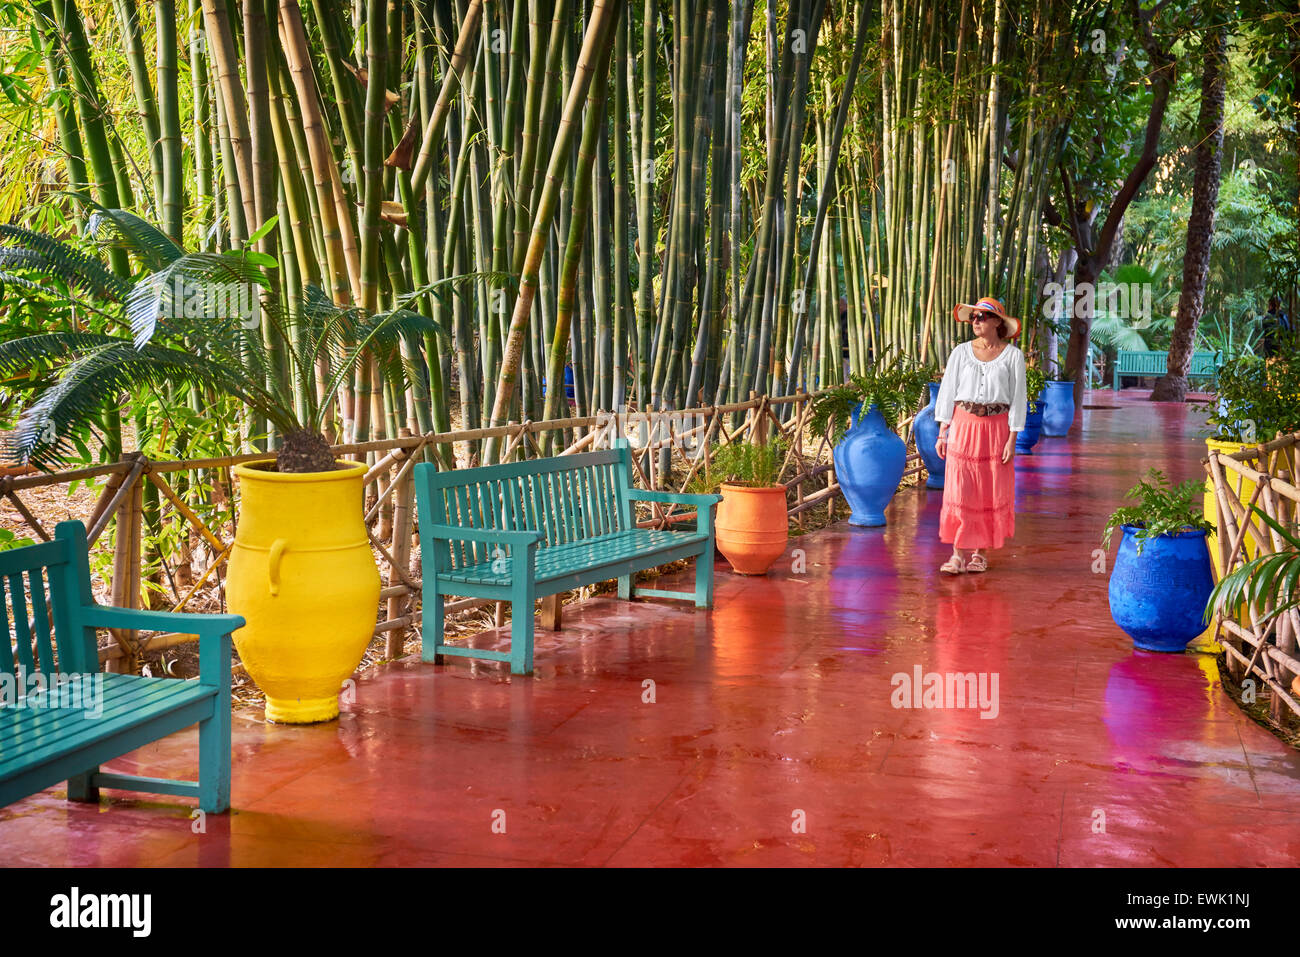 Jardin Jardin Majorelle Marrakech Maroc Afrique Banque D Images